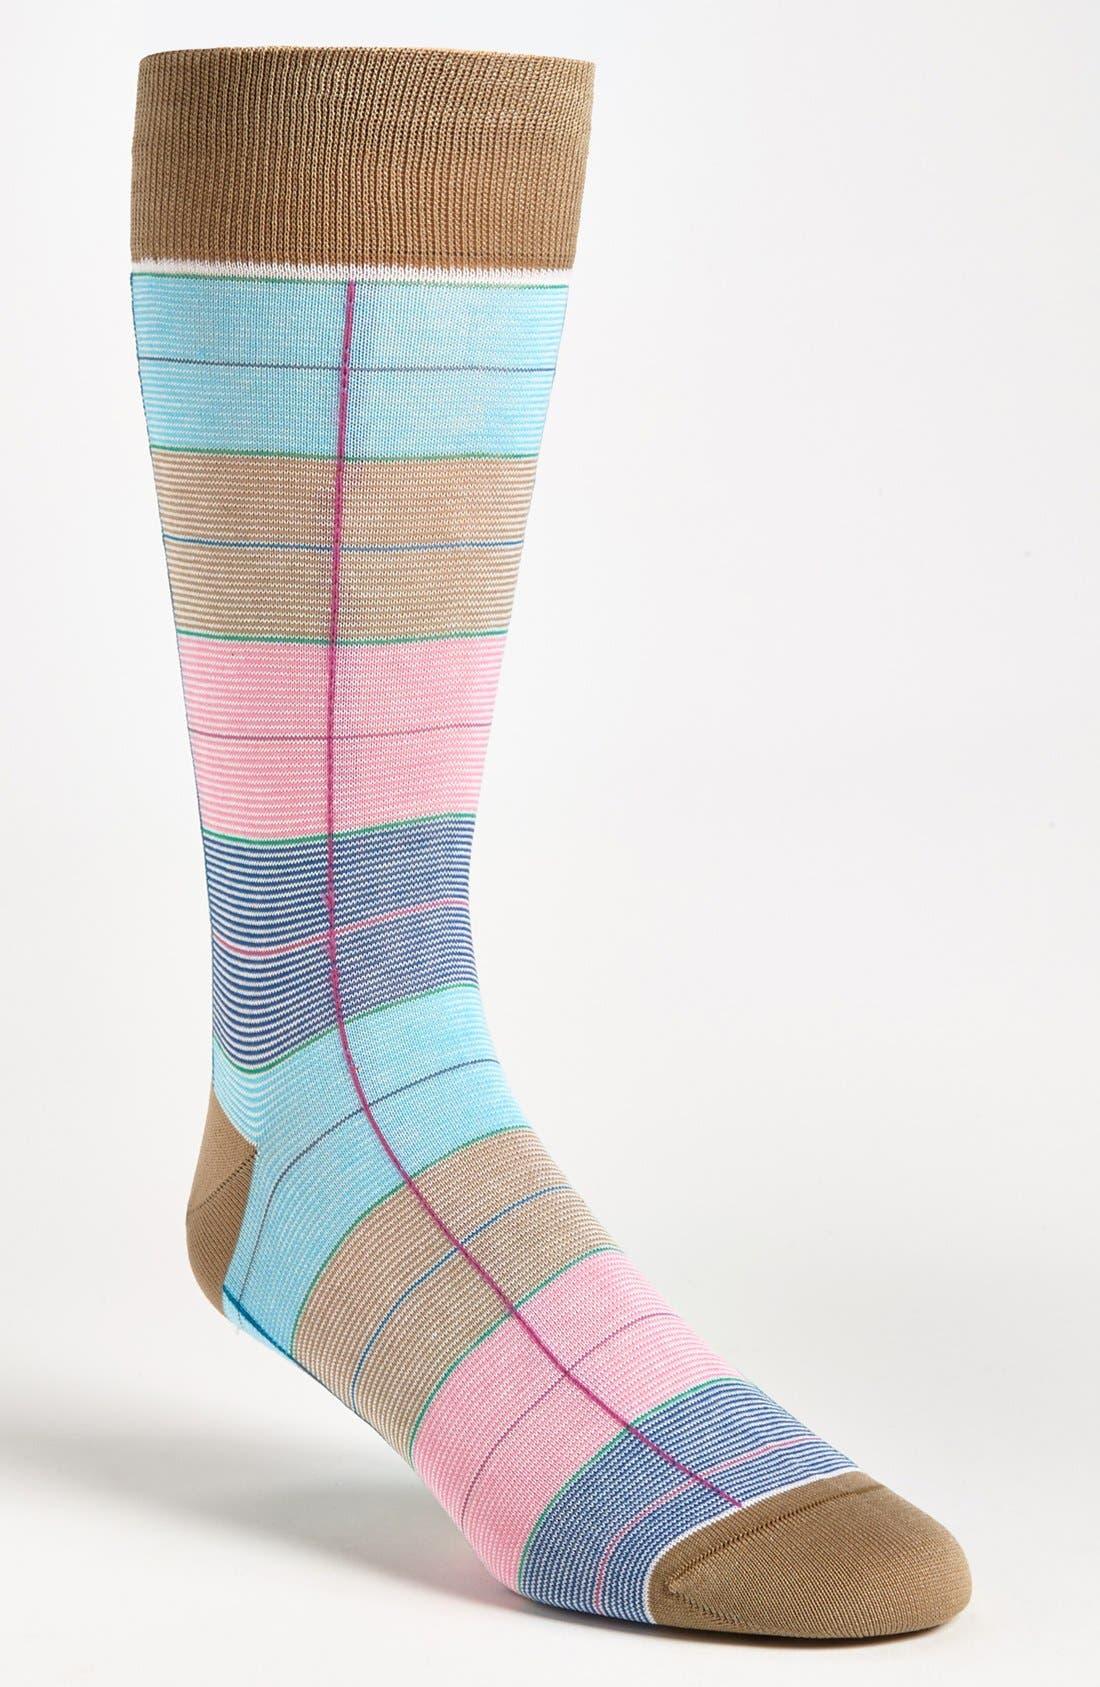 Alternate Image 1 Selected - Bugatchi Uomo Check Socks